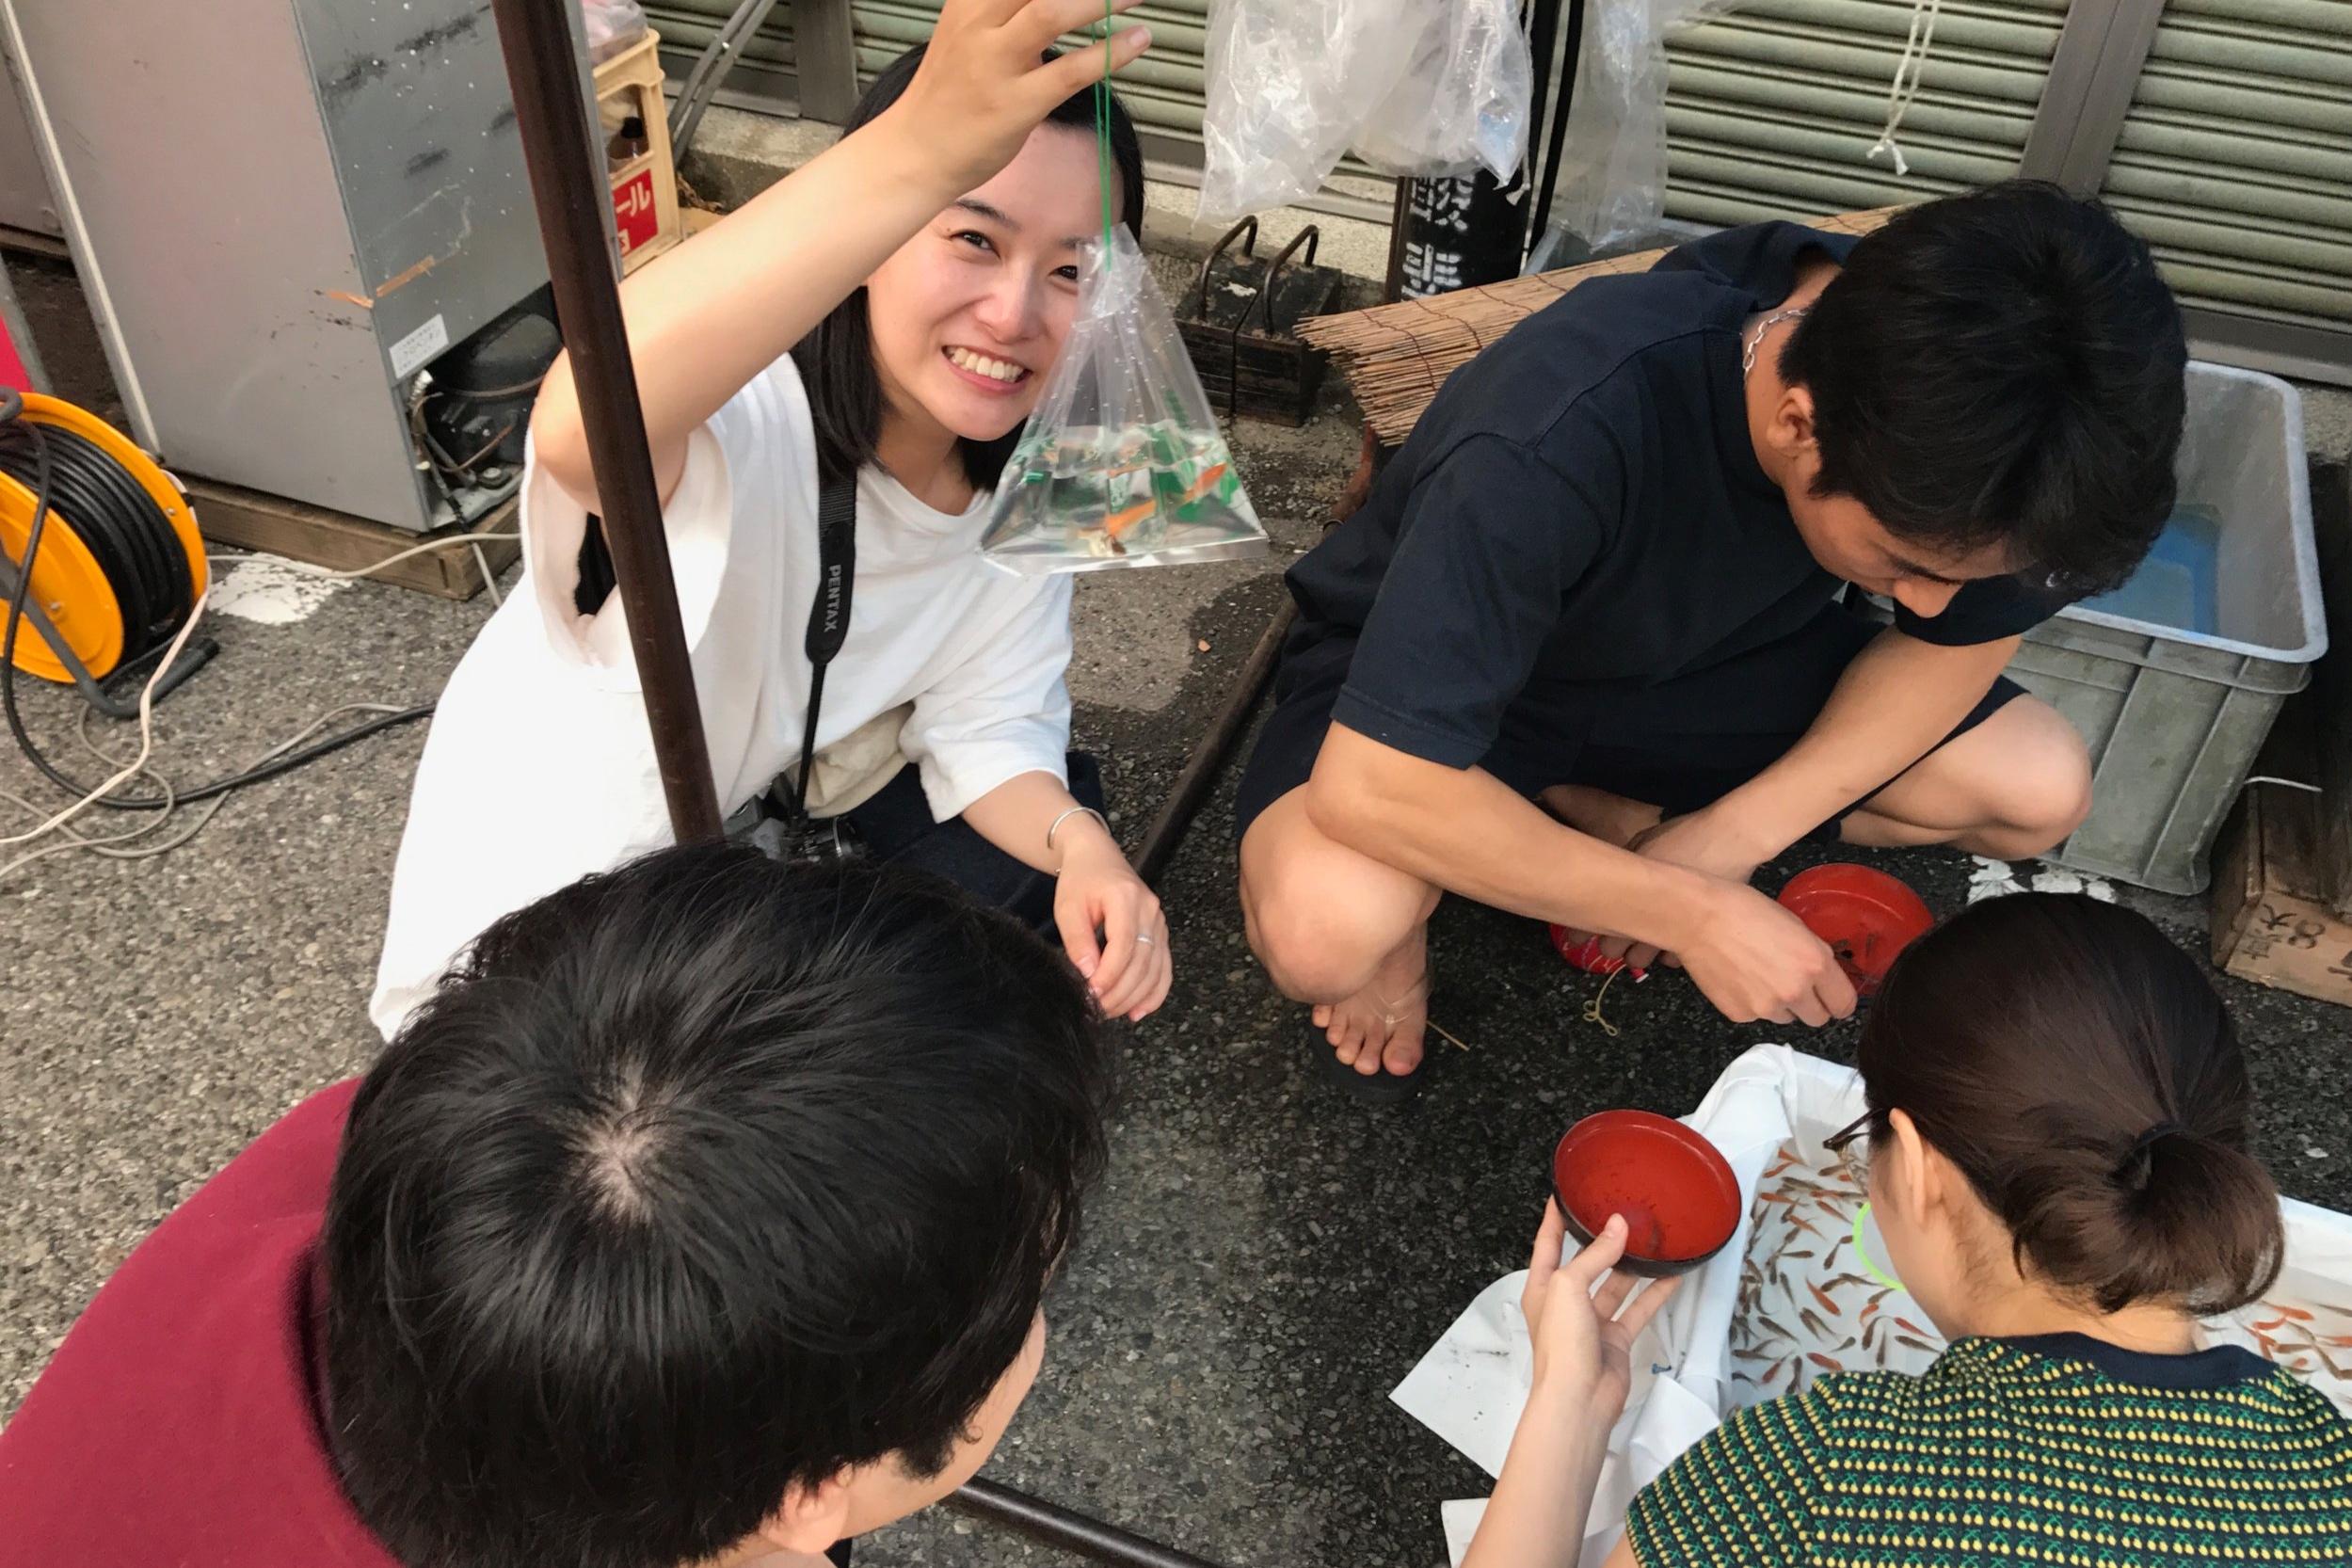 巻の夏祭りに参加した俳優陣。真剣に金魚すくいをしている山田さん。